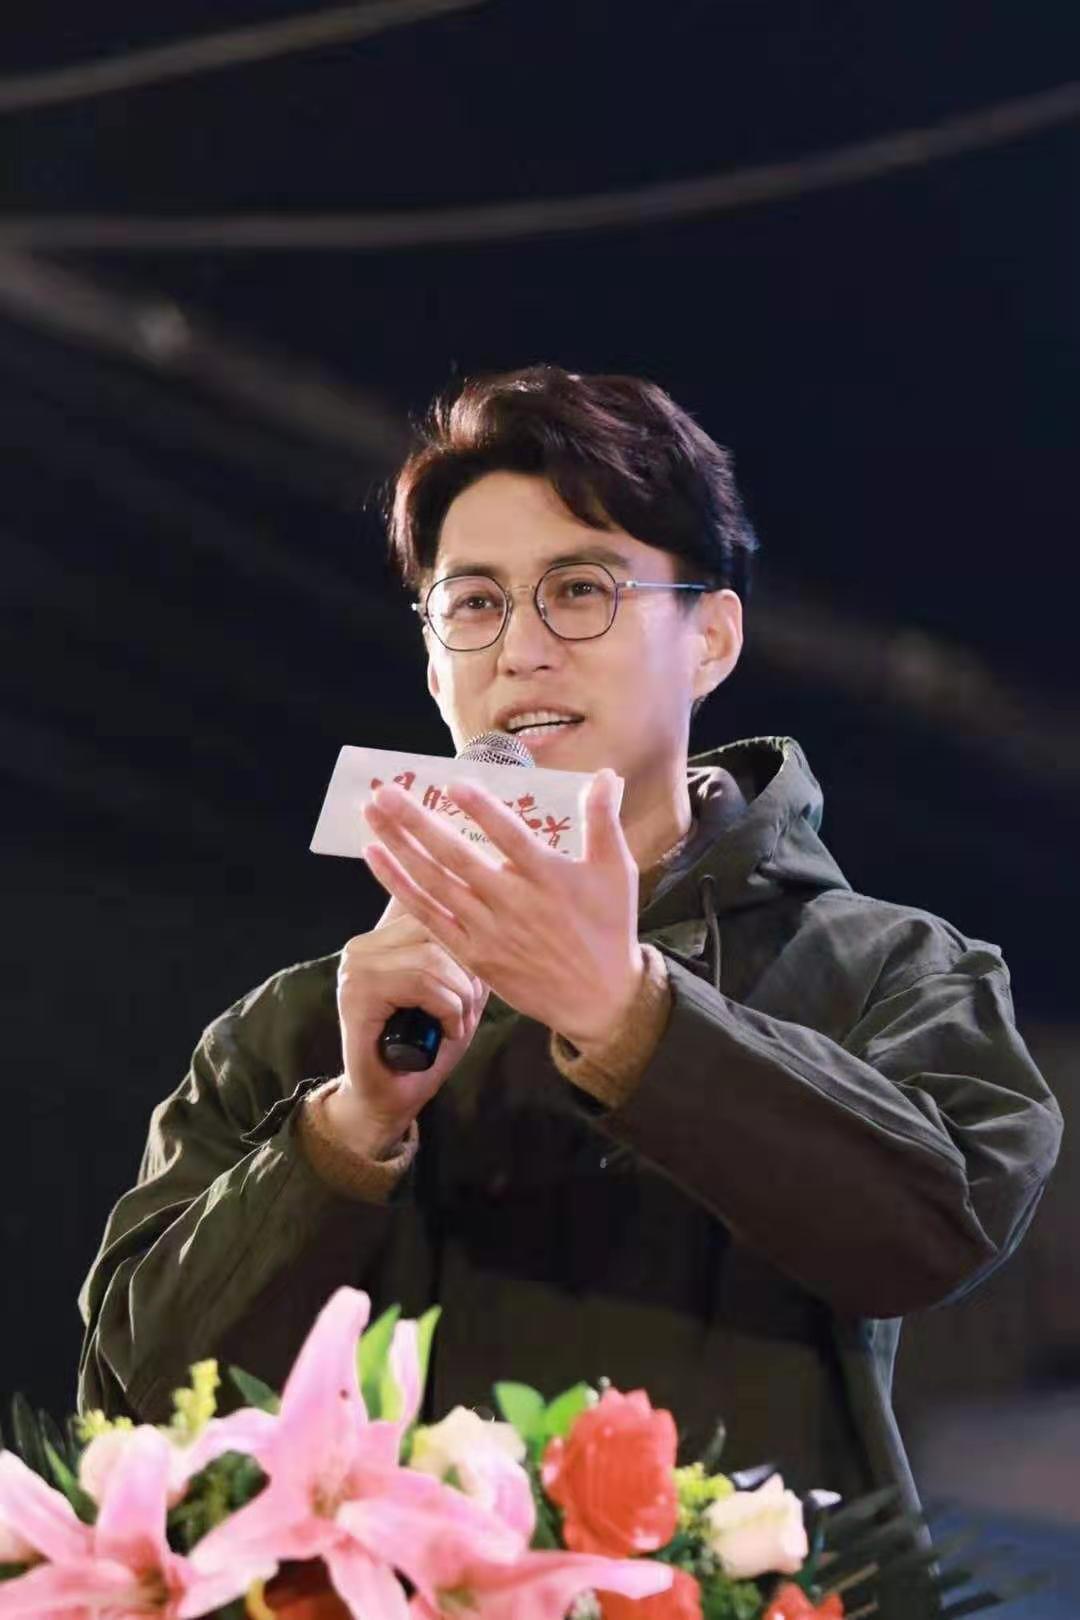 69秒|探班《温暖的味道》 演员靳东:我不会演戏了 组里都是戏精